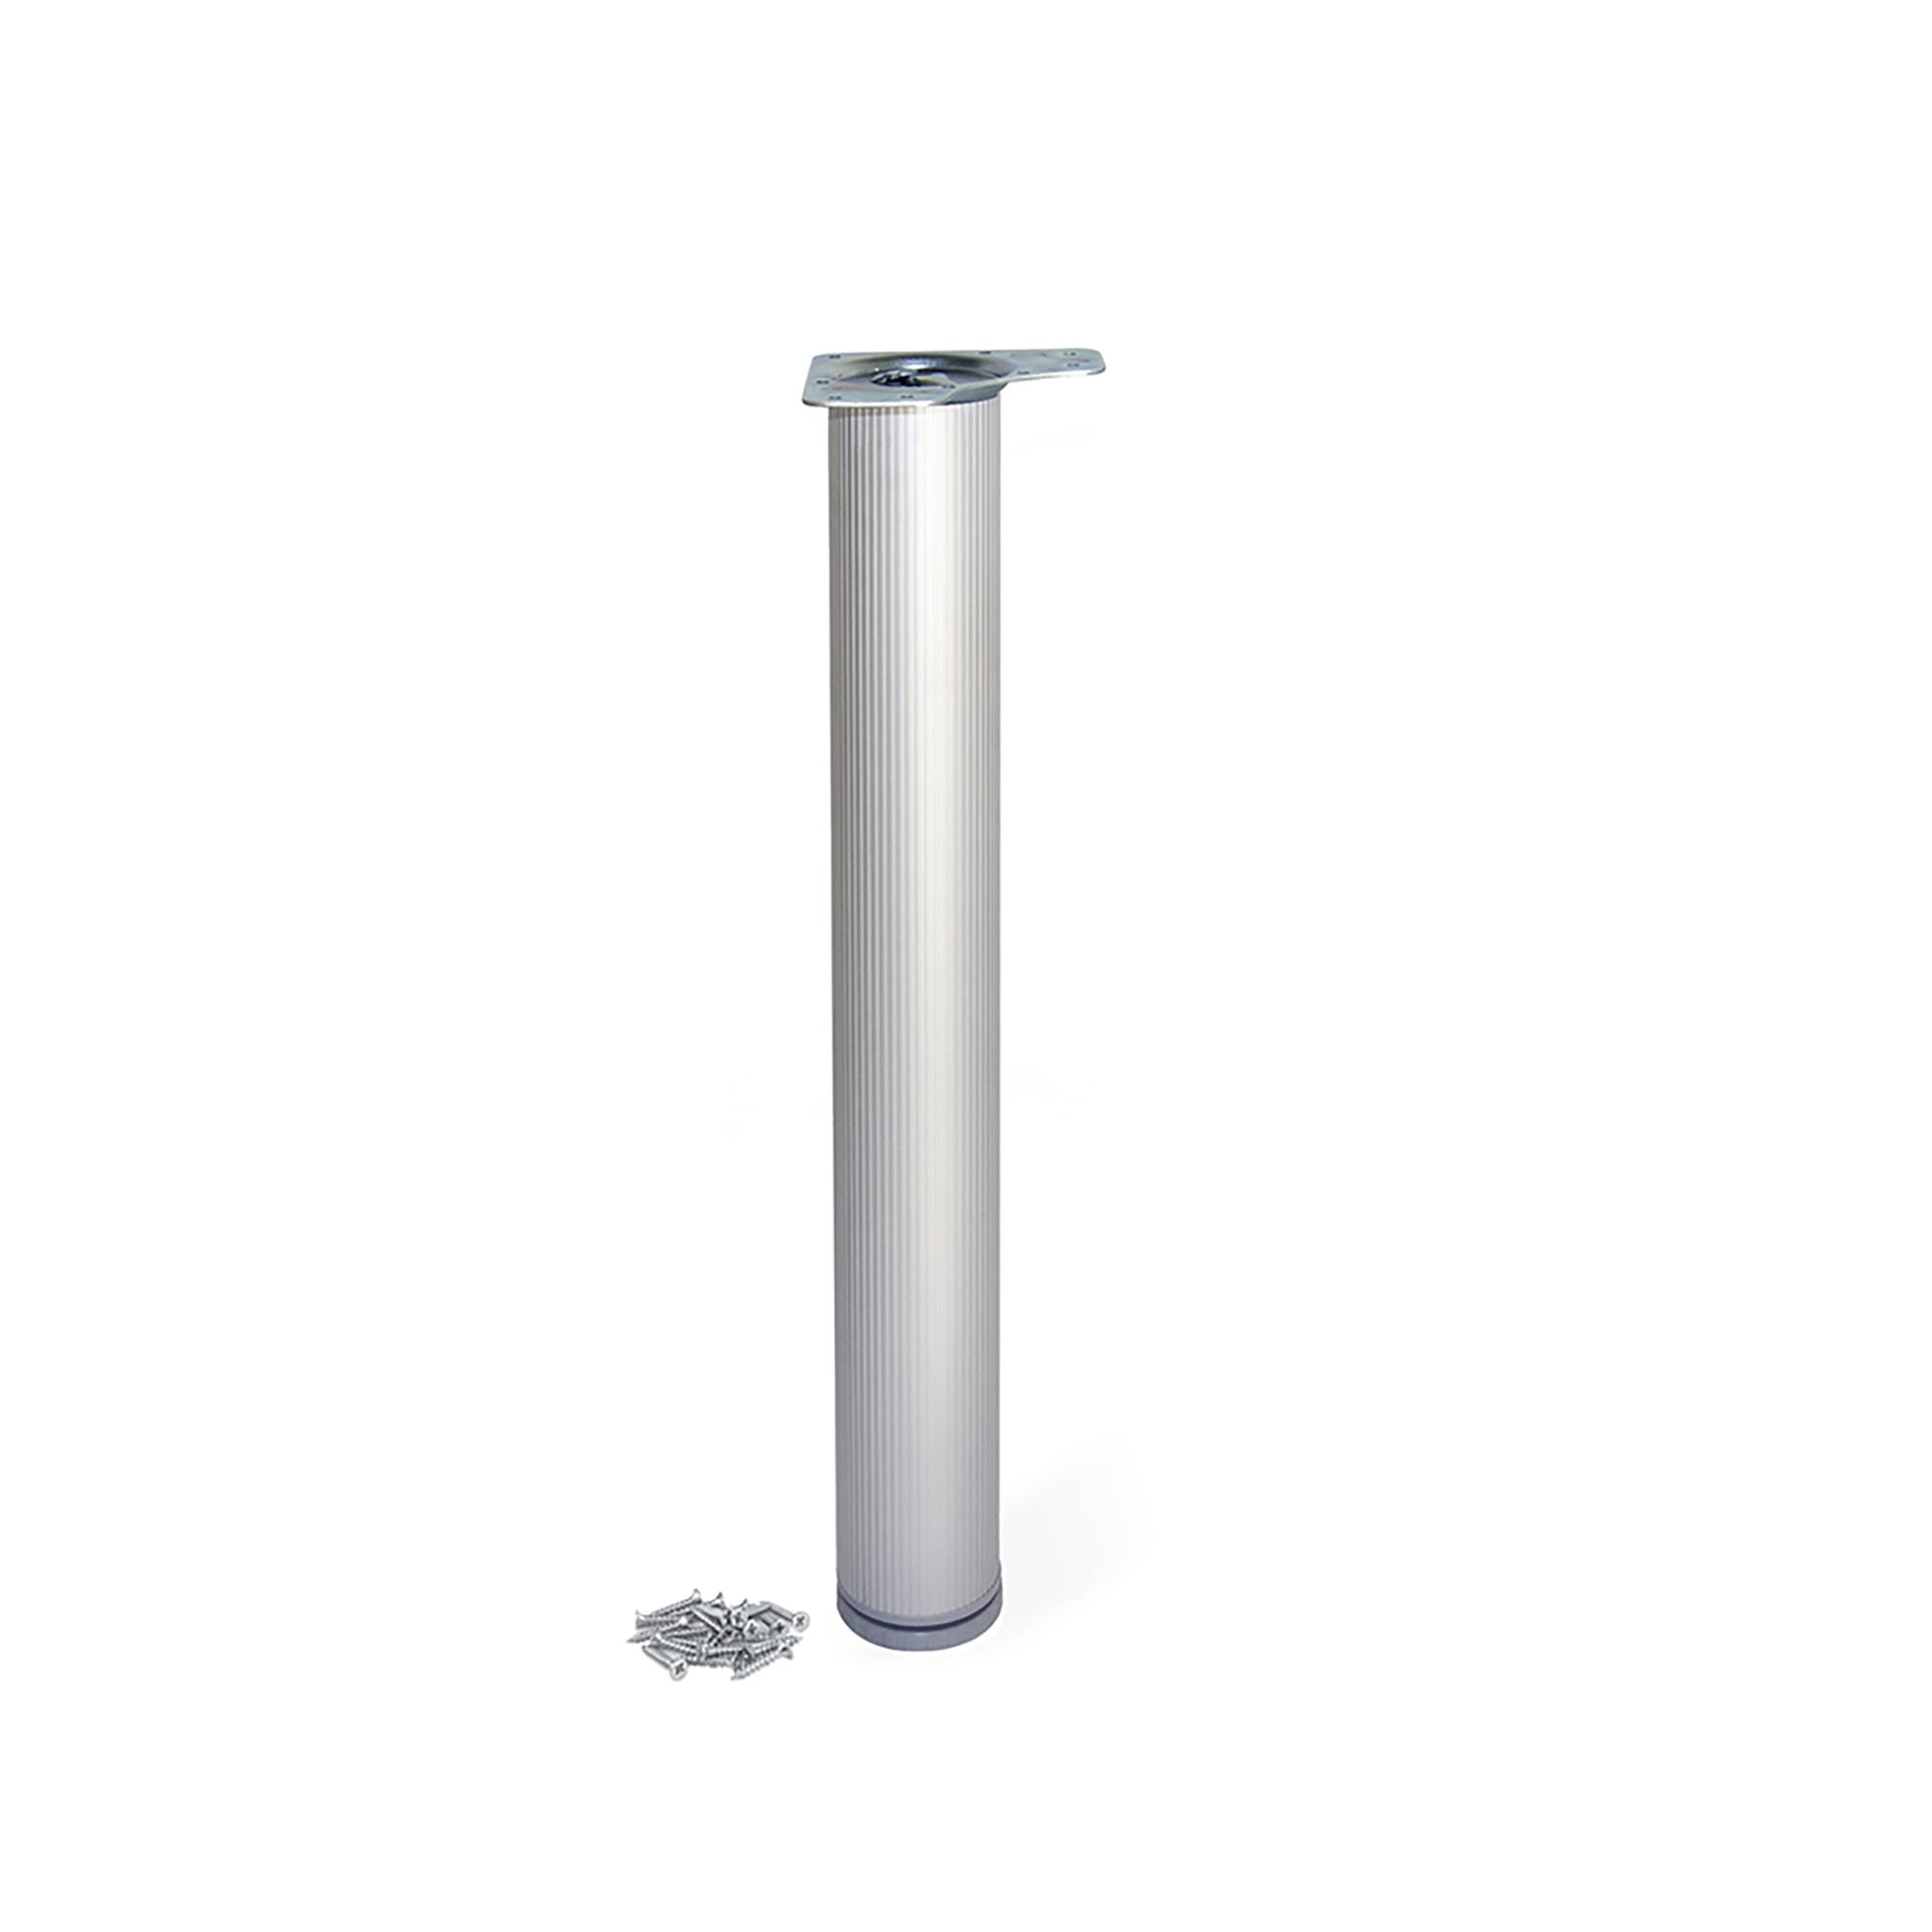 Emuca Gamba per tavolo, D. 80 mm, regolabile 710-730 mm, Alluminio, Anodizzato opaco